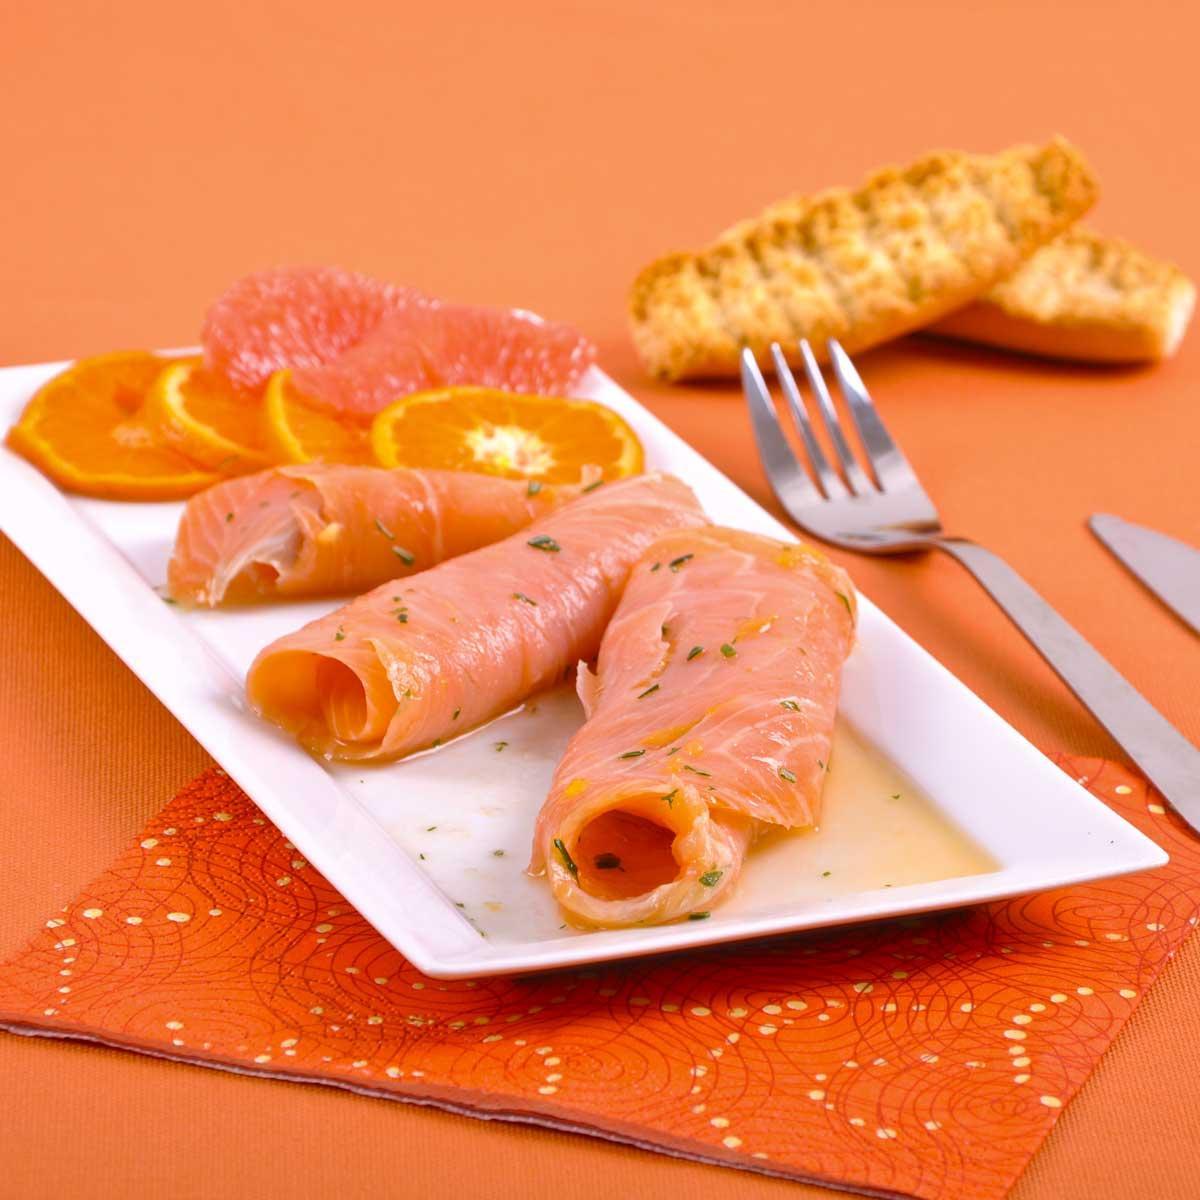 Recette saumon fum aux agrumes cuisine madame figaro - Prix du saumon ...